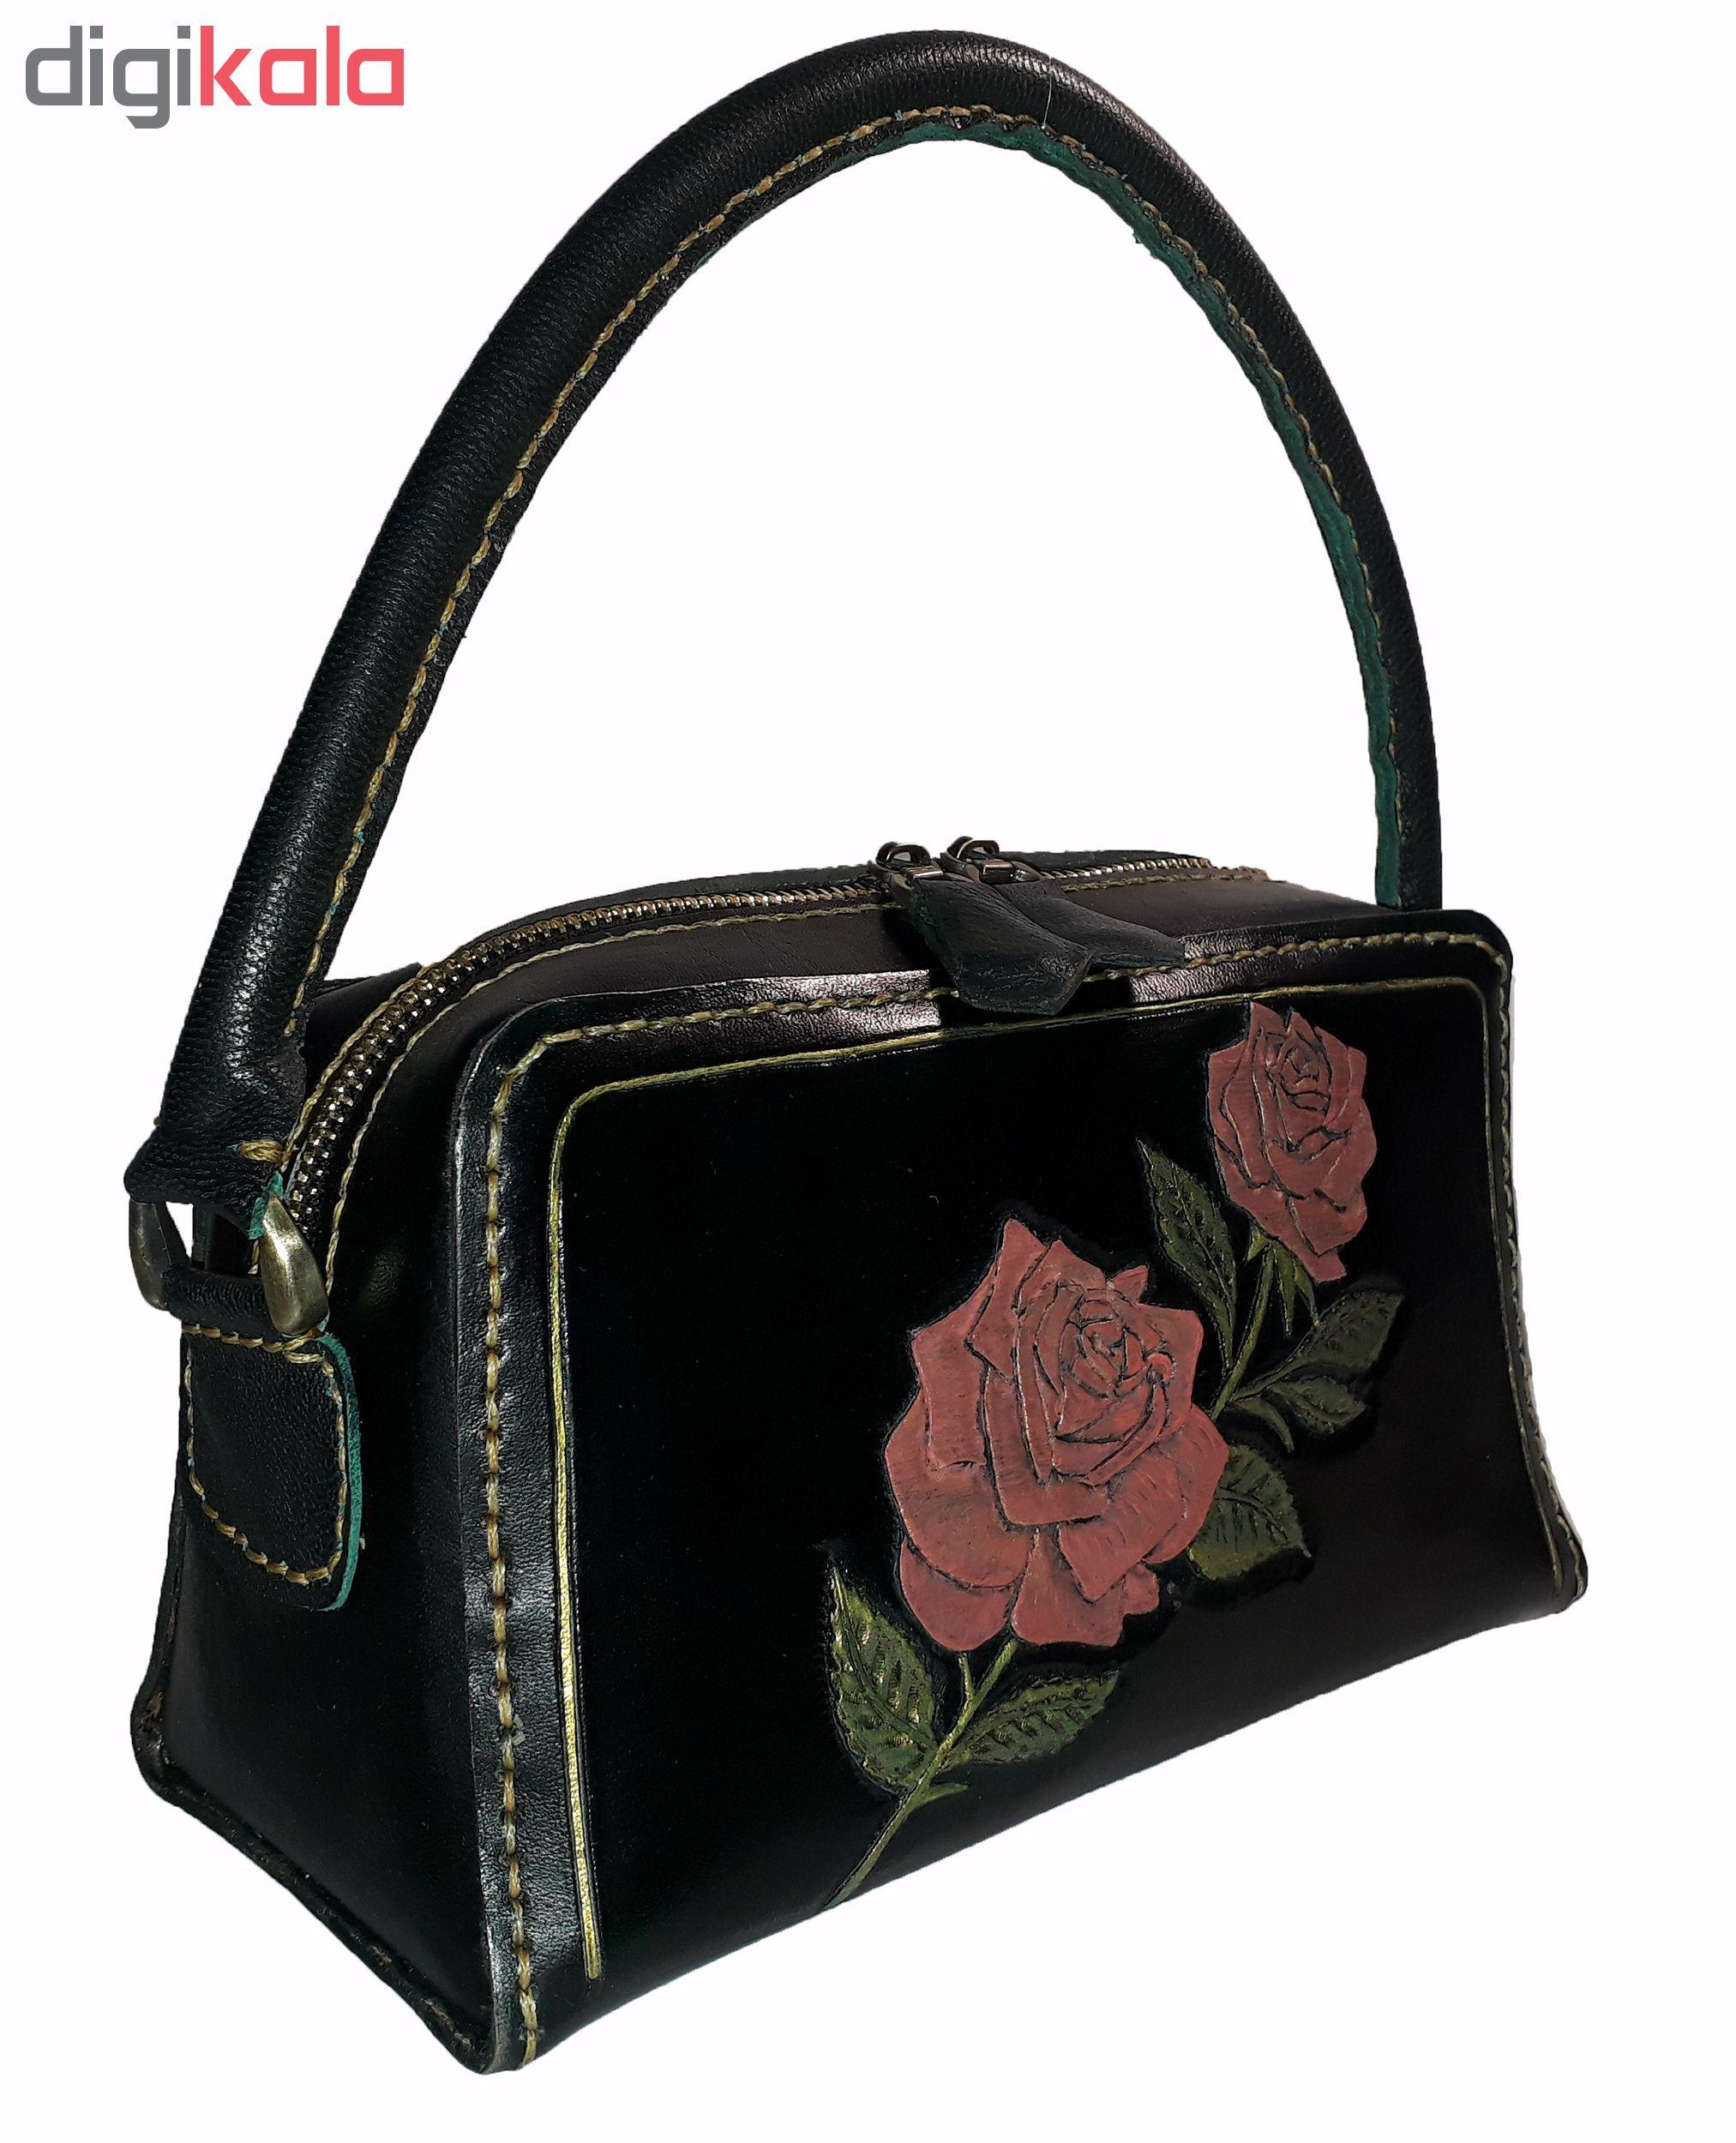 کیف دستی زنانه مدل rose